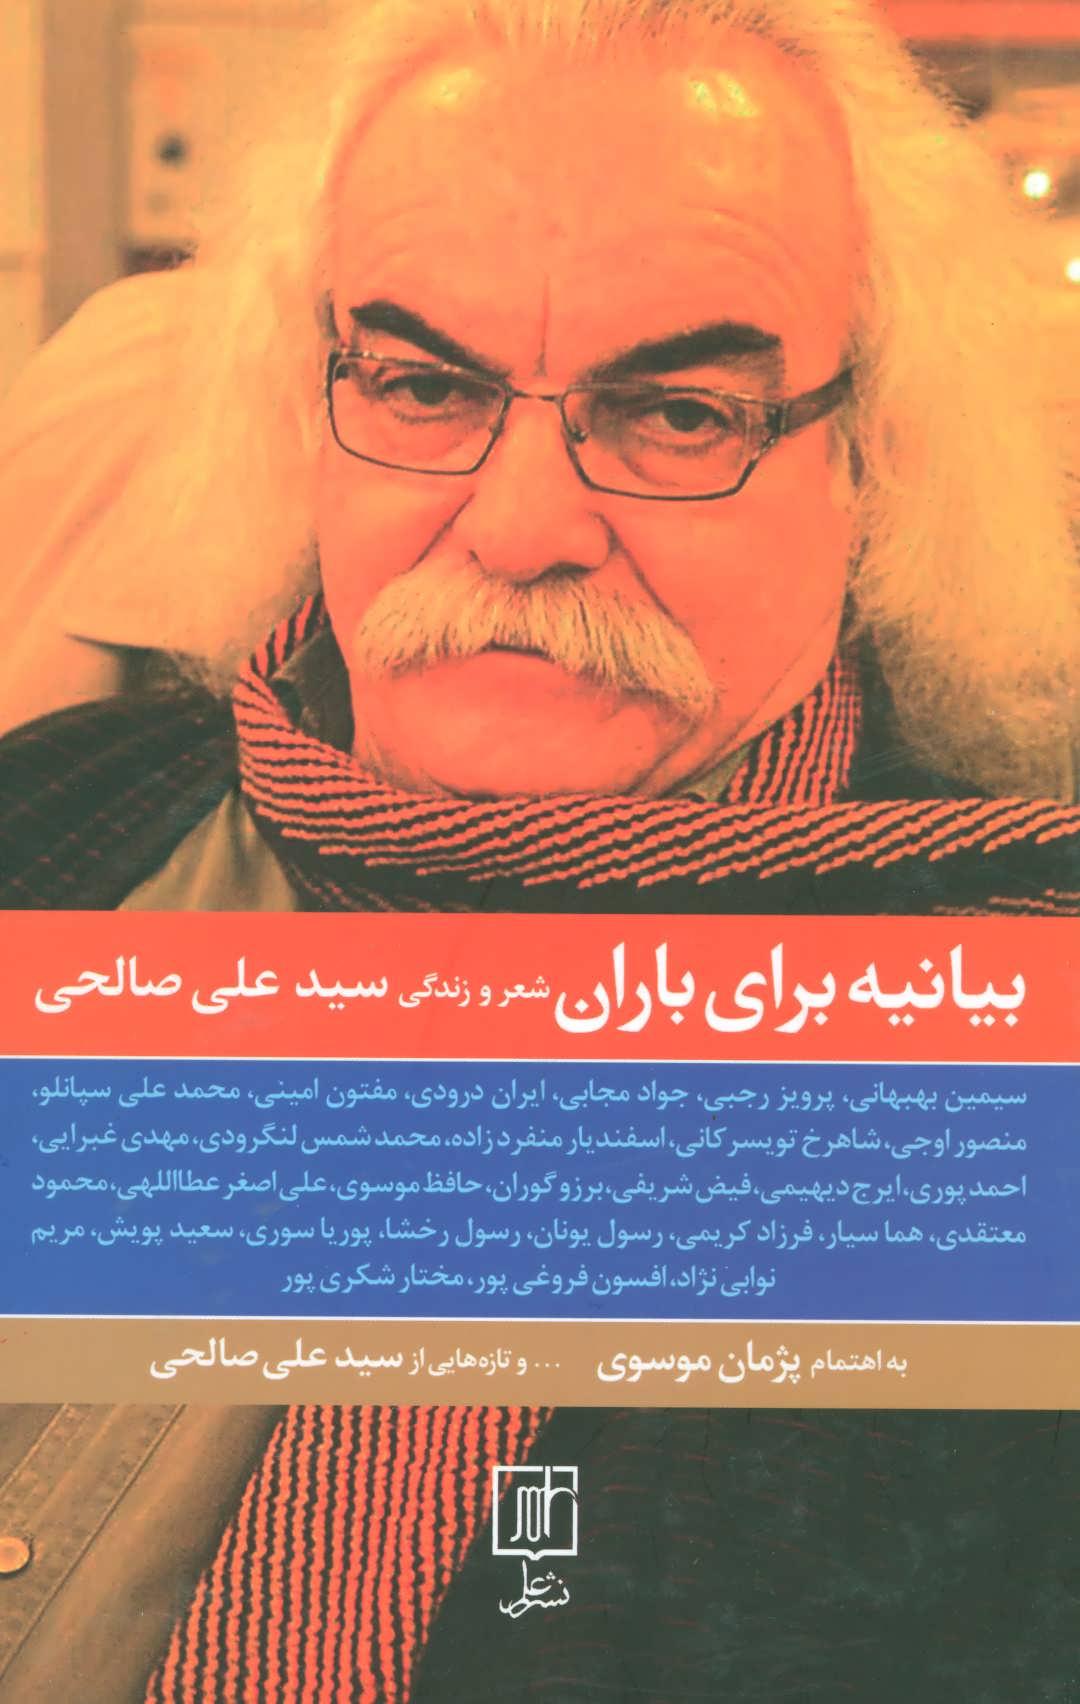 کتاب بیانیه برای باران: شعر و زندگی سیدعلی صالحی